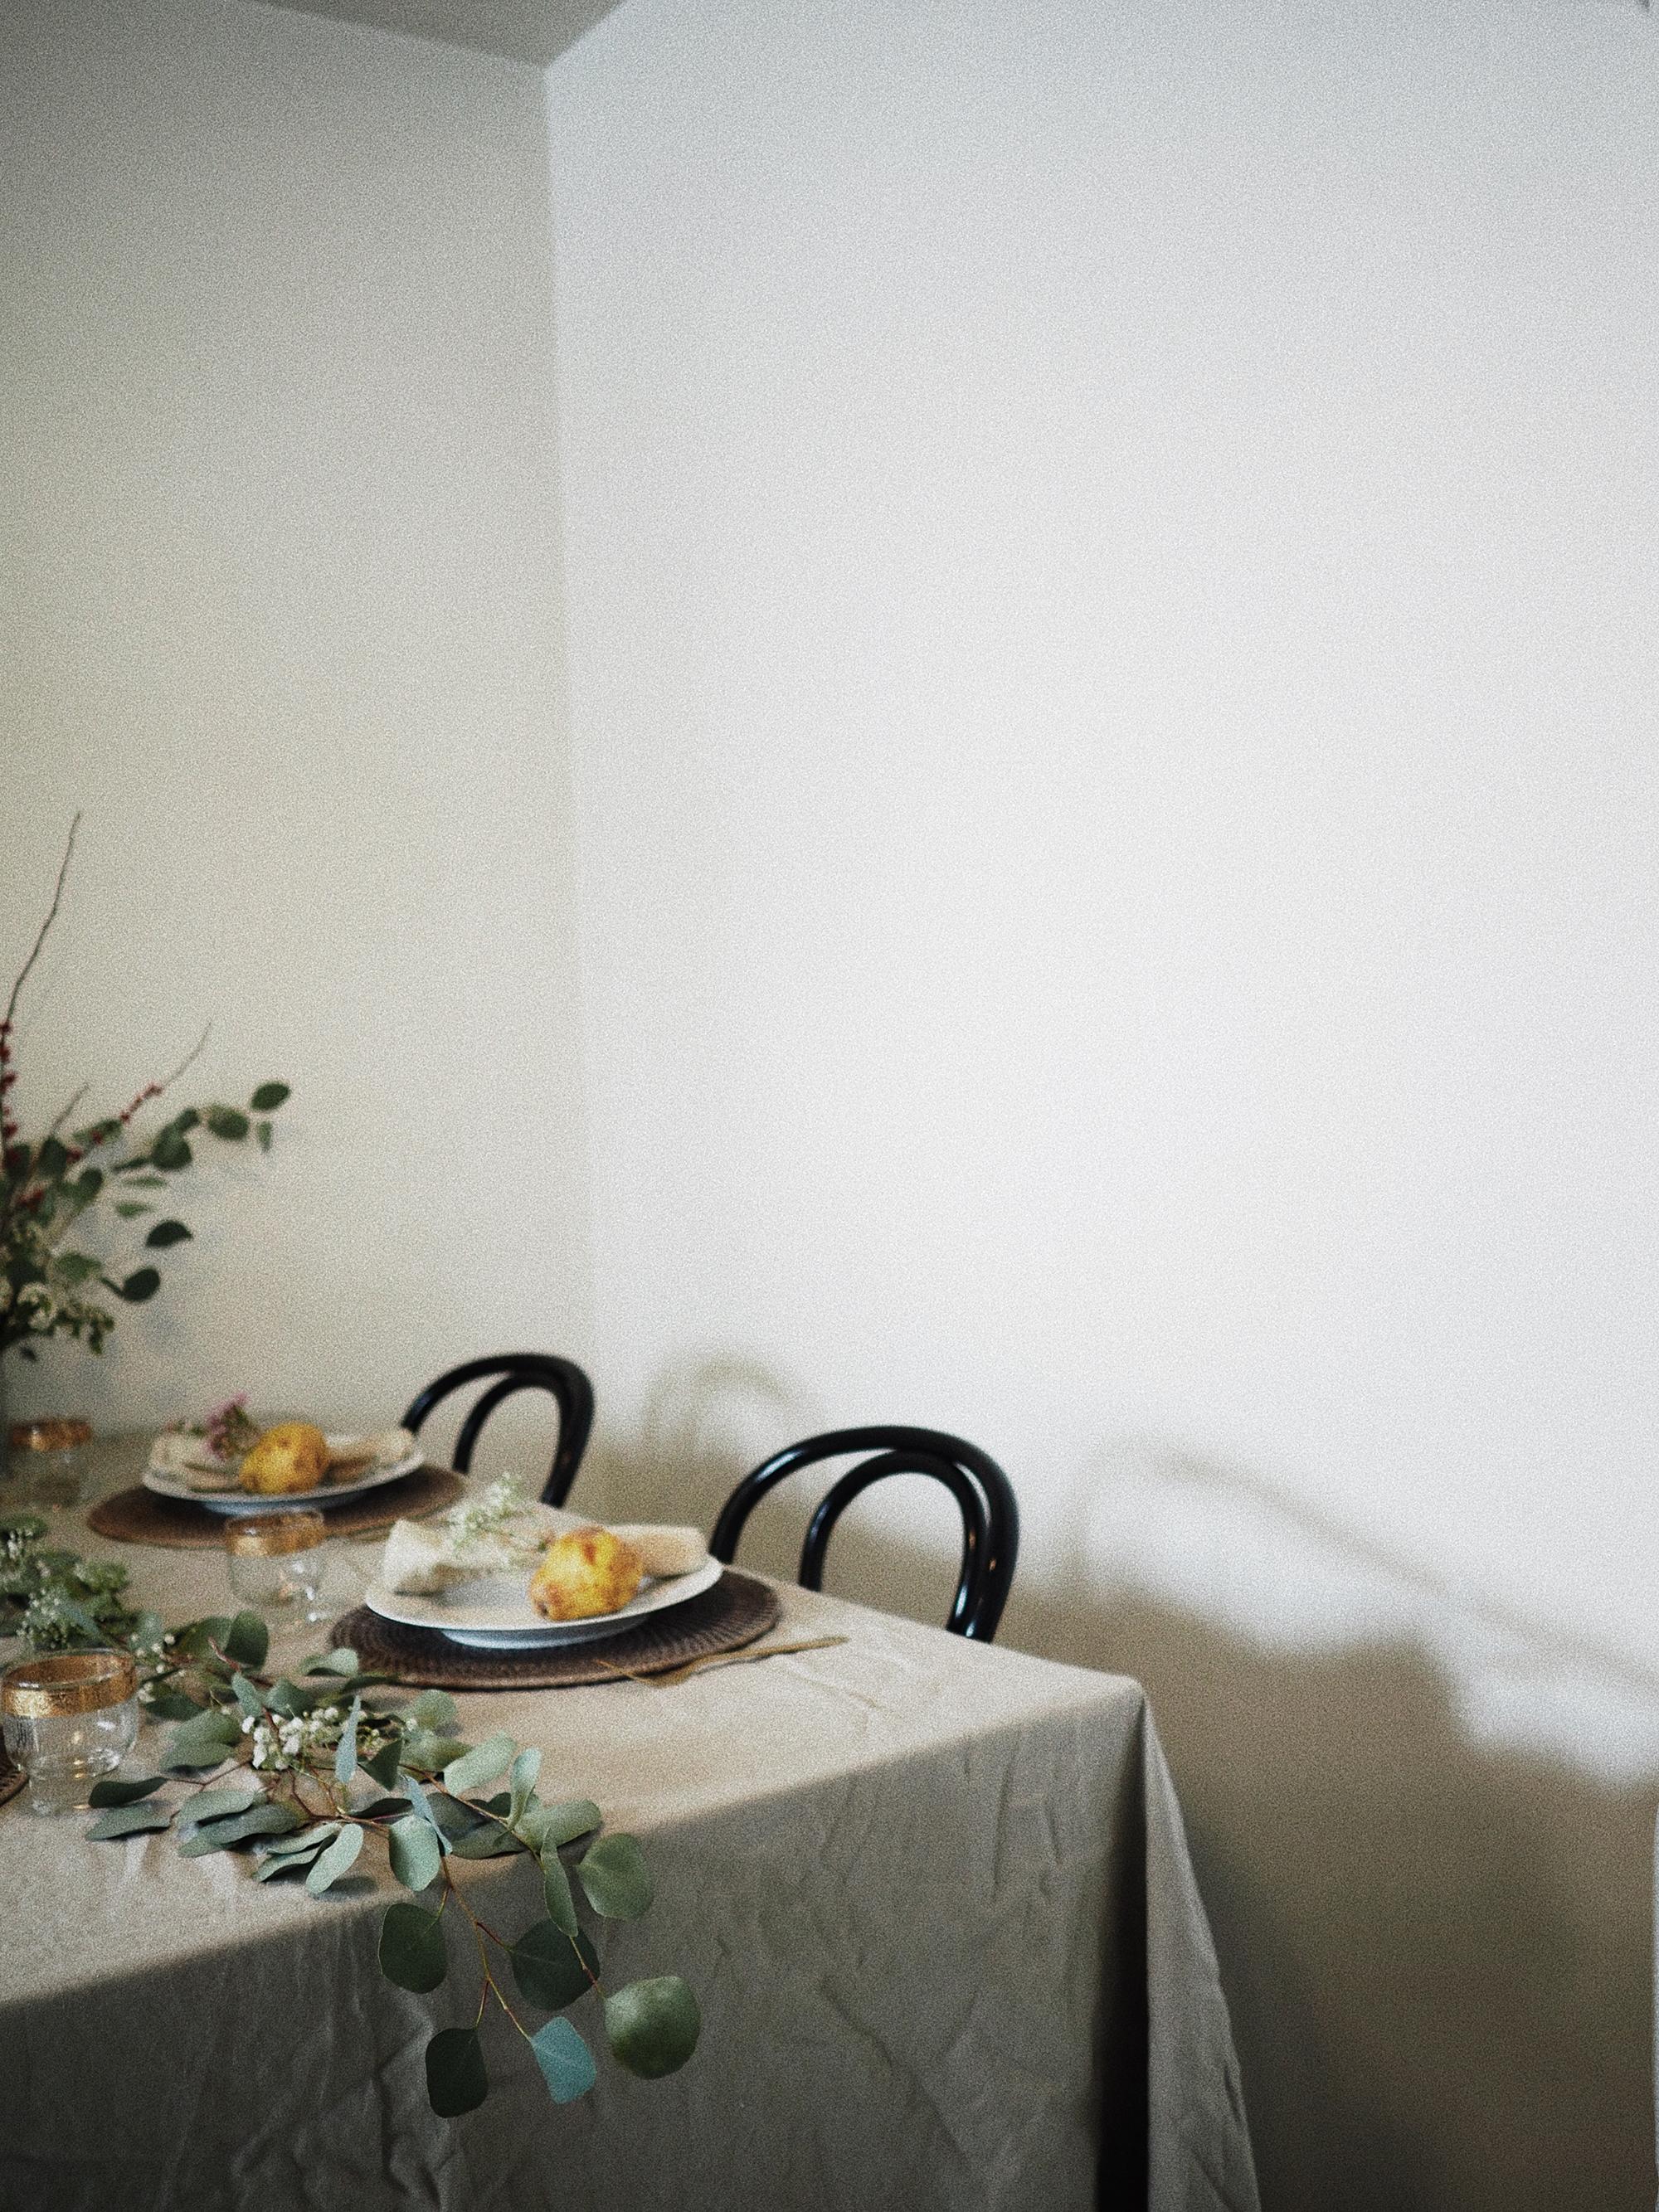 Christmas_table_5.jpg